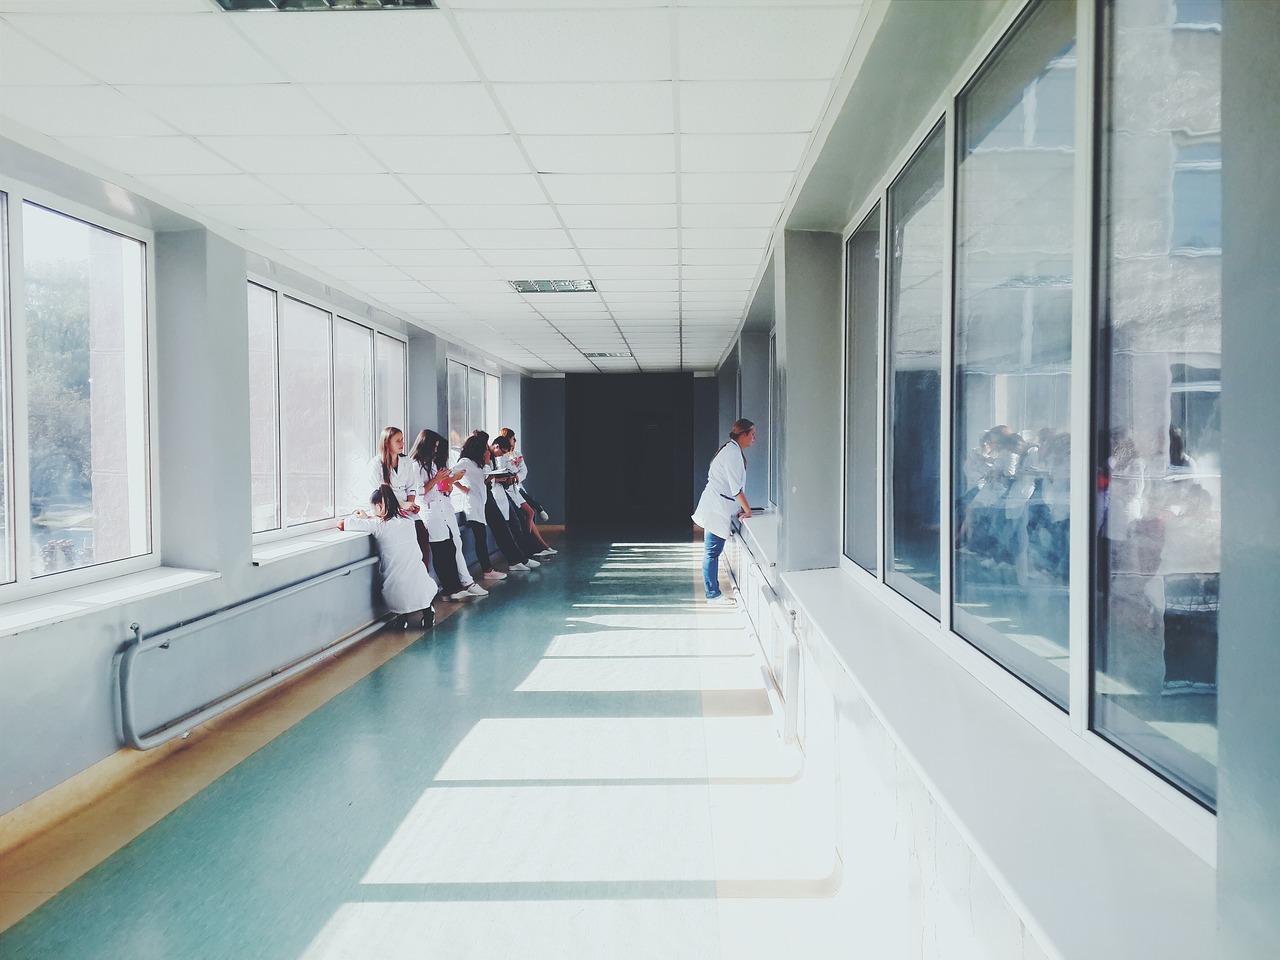 Baja inversión en salud podría afectar calificación crediticia de los países: panel OMS